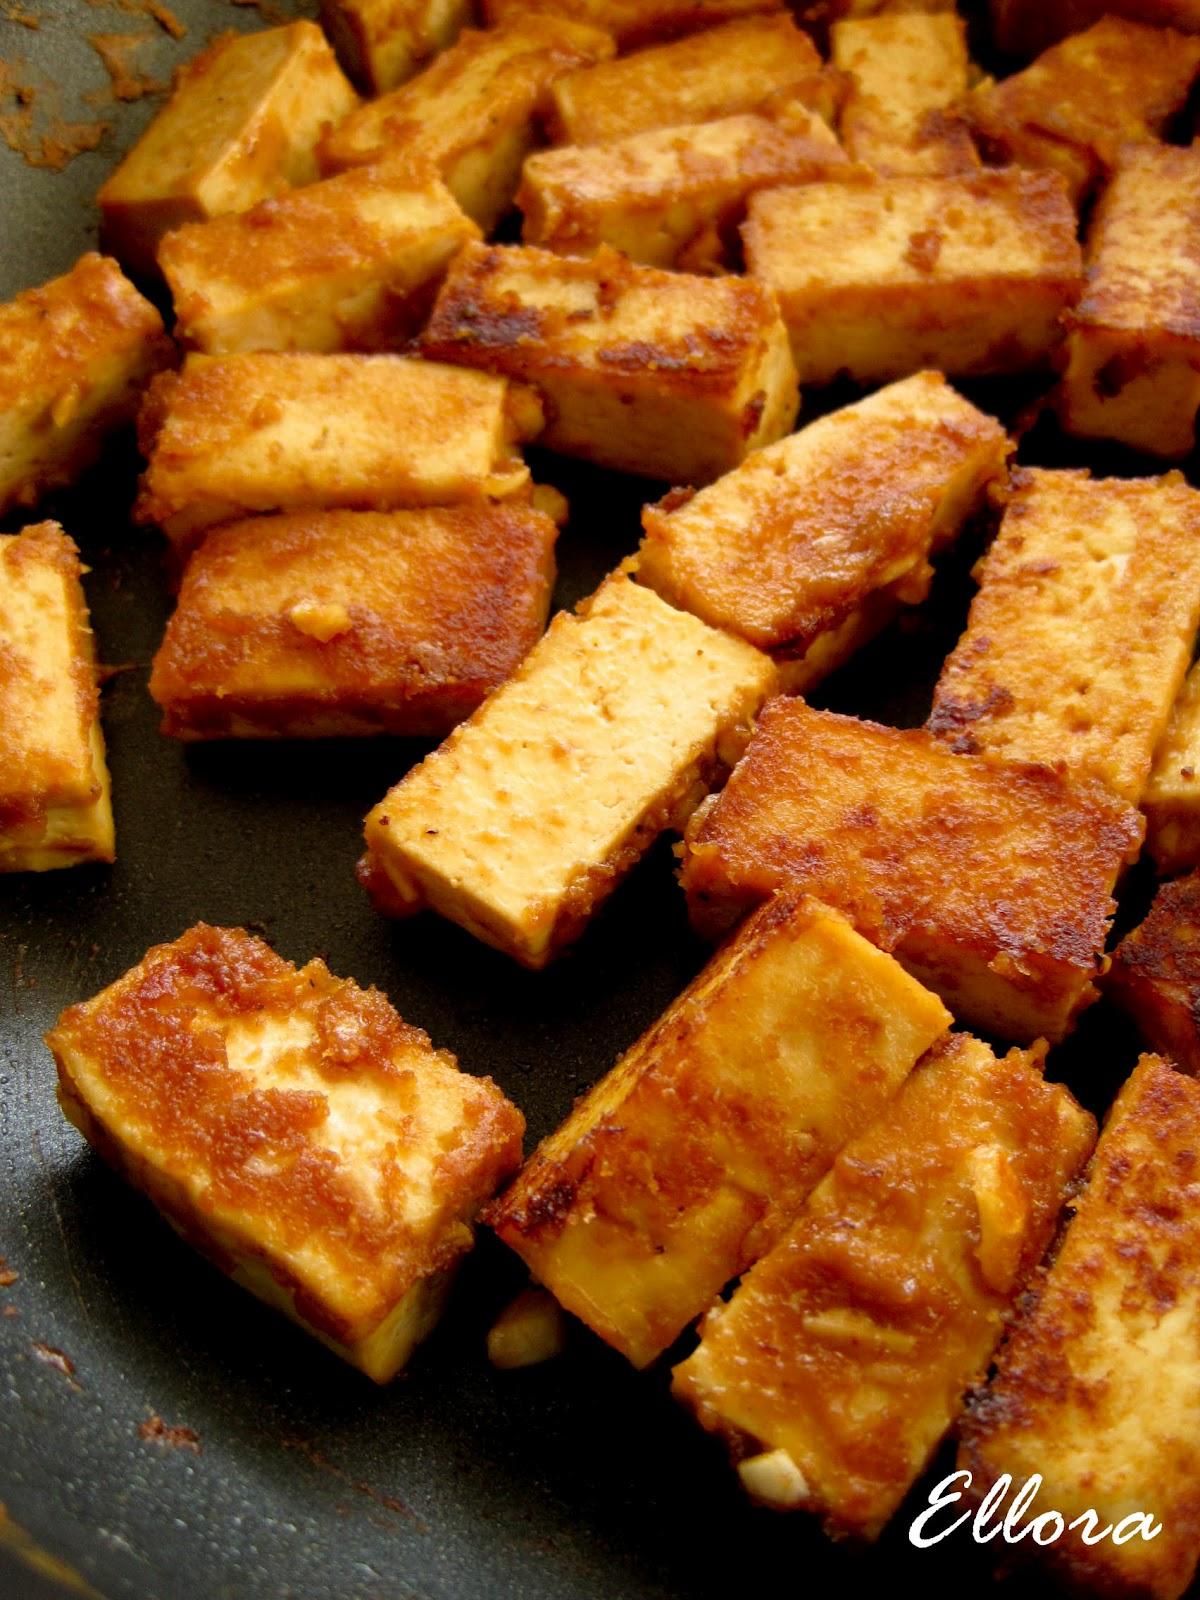 retour vers la sant tofu sauce aux arachides. Black Bedroom Furniture Sets. Home Design Ideas